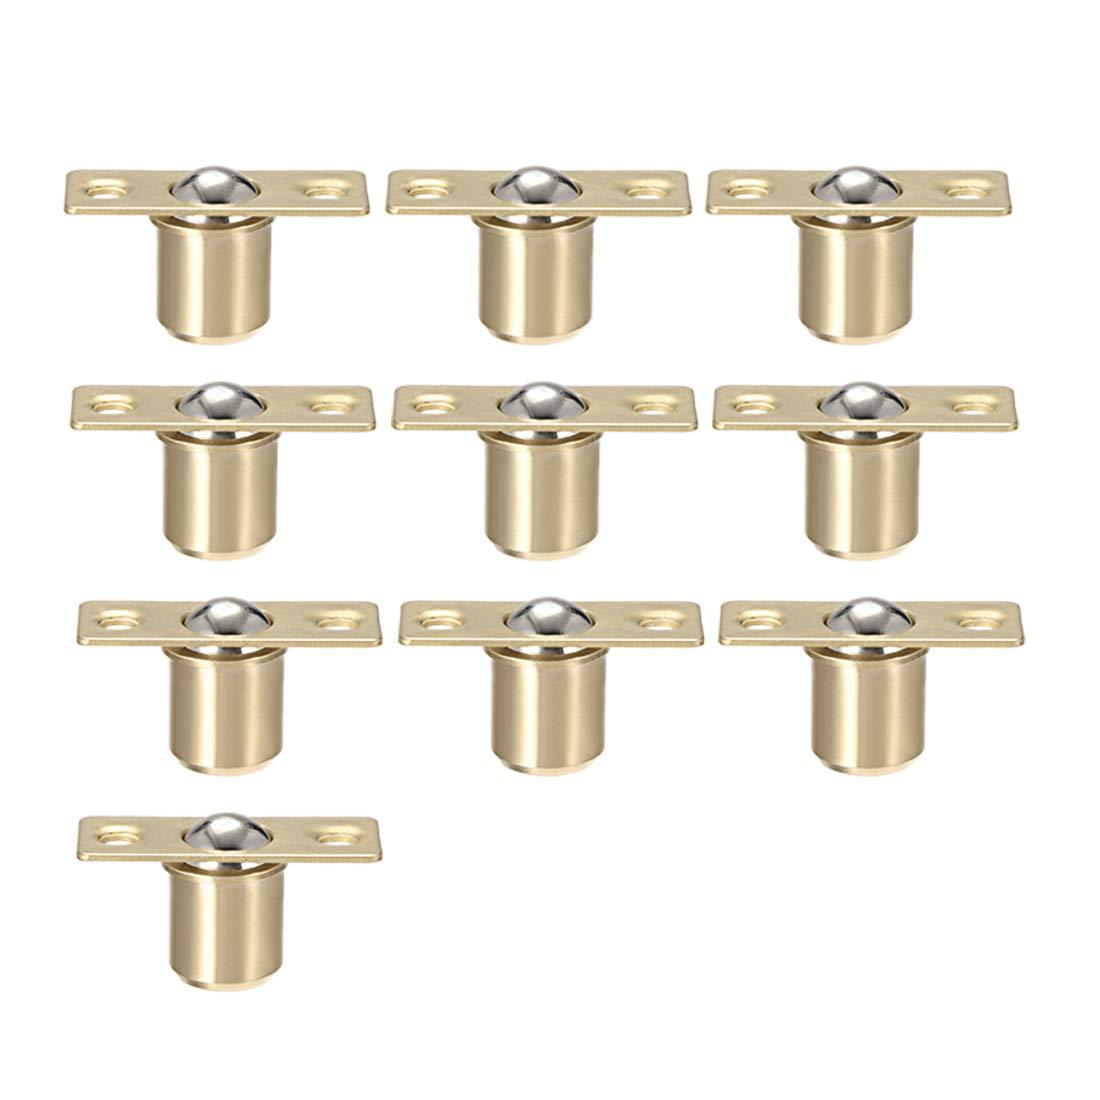 uxcell Door Cabinet Closet Drawer 12.5mm Shaft Dia Brass Ball Catch Latch Catcher 10 Sets